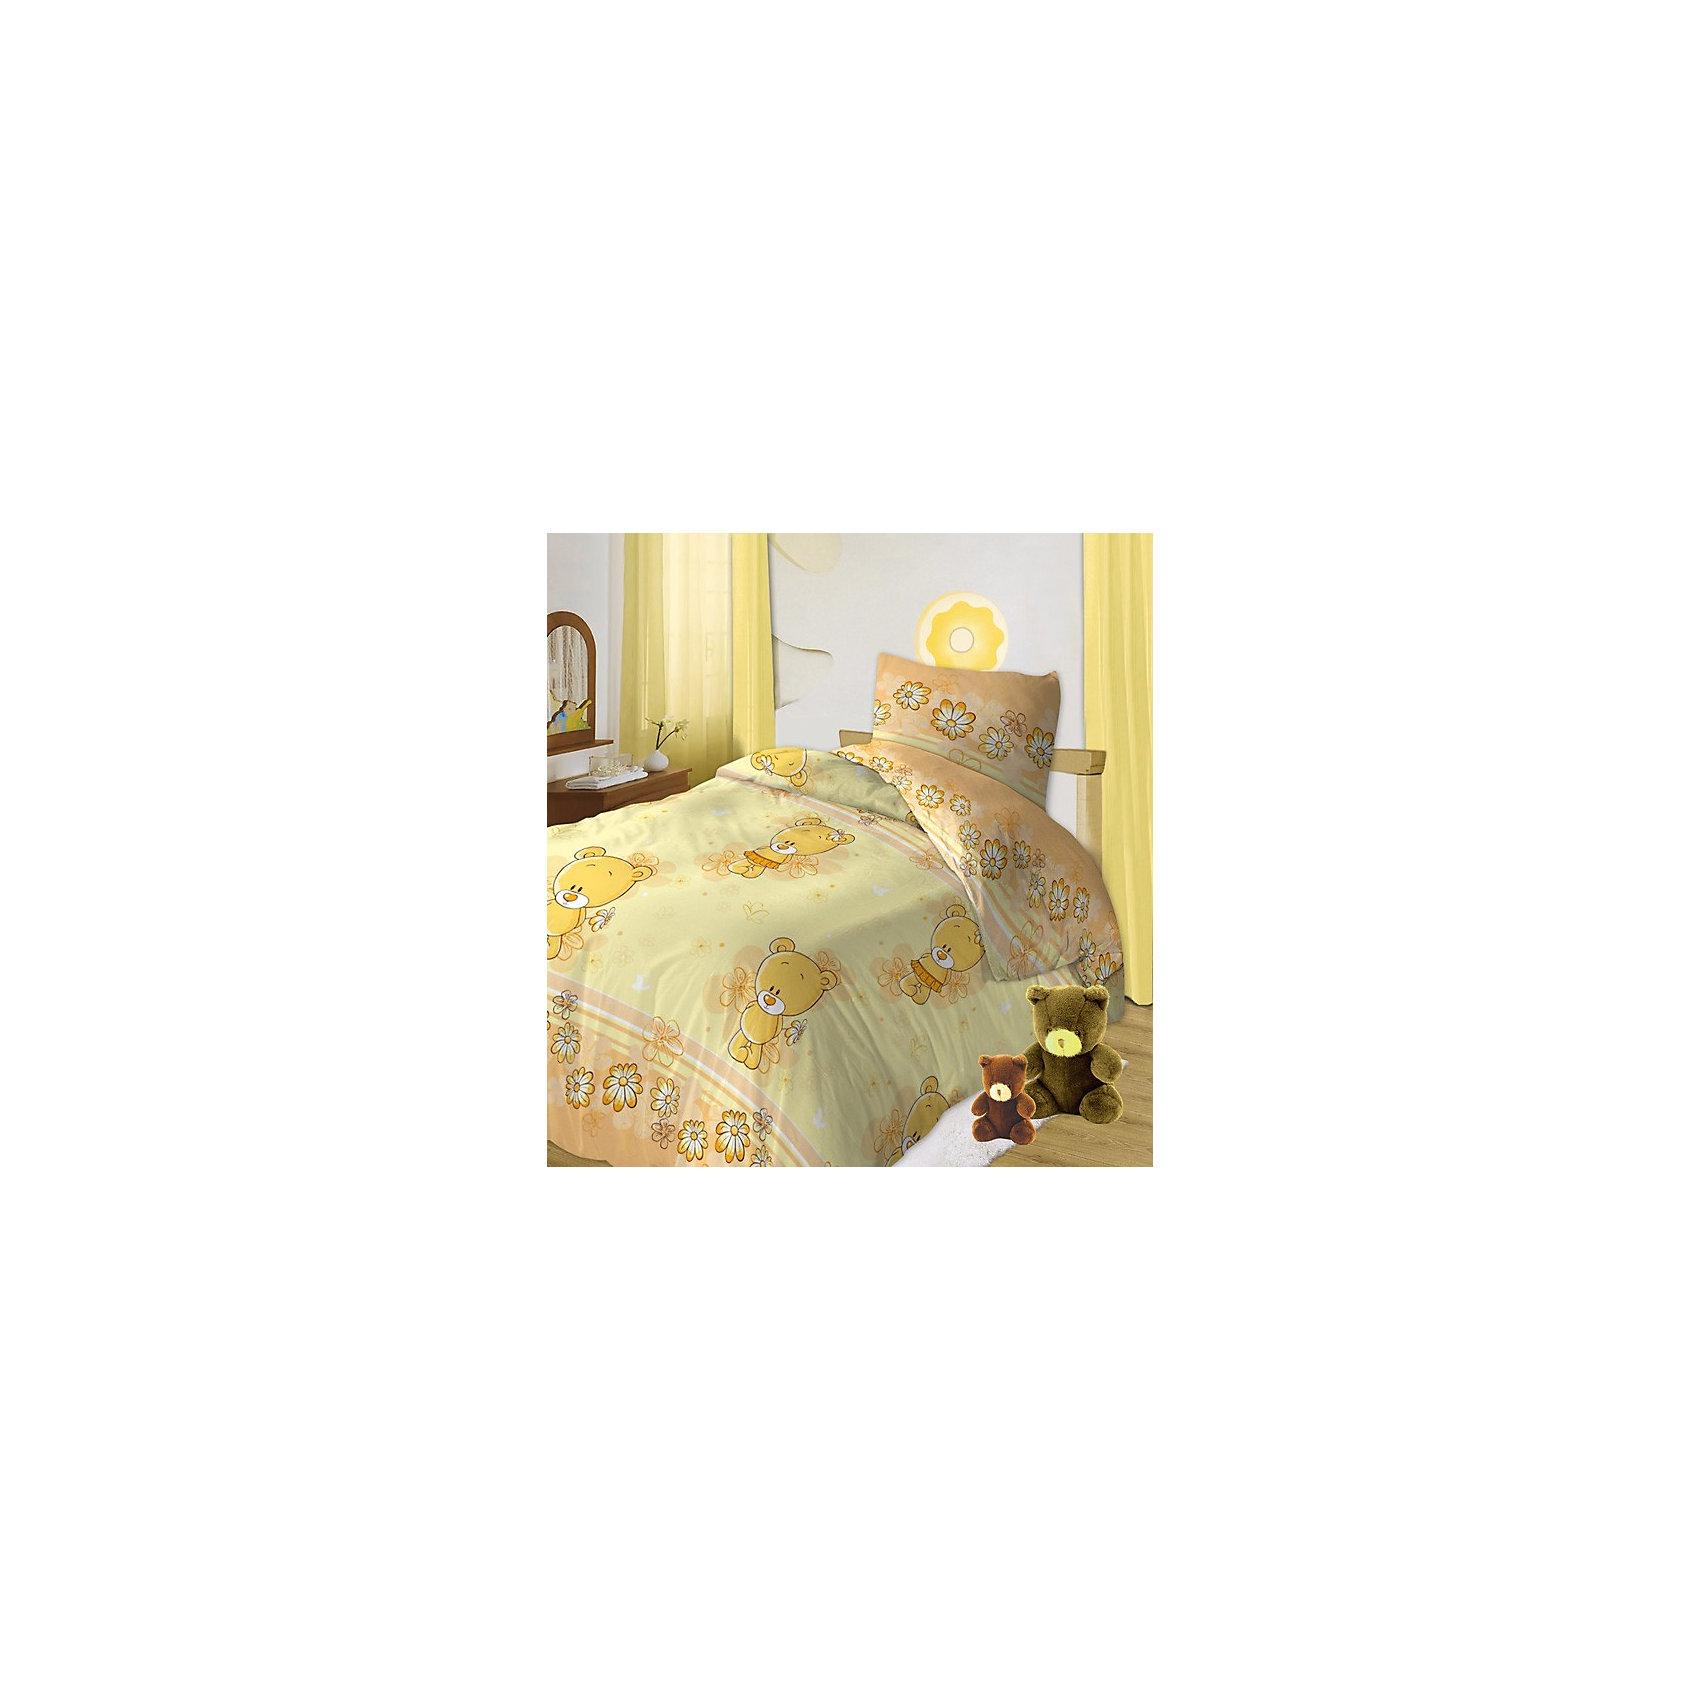 Детский комплект Мишутки (цвет: желтый), Кошки-МышкиПостельное белье детское Мишутки, Кошки-Мышки с изображением любимых героев подарит Вашему малышу самые приятные сны!<br><br>Постельное белье ТМ Кошки-мышки изготовлено исключительно из высококачественной бязи российского производства. <br>В производстве используются качественные красители, что позволяет сохранять яркость цвета на протяжении всего времени эксплуатации изделий. <br>Ткани не вызывают аллергических реакций, обладают высокой гигроскопичностью и воздухопроницаемостью. <br>Создание коллекций с использованием дизайнов Российских художников. Вся продукция имеет стильную, удобную и уникальную упаковку, которая в свое время обеспечивает сохранность продукции в процессе ее транспортировки и хранения. Ткани и готовые изделия производятся на современном импортном оборудовании и отвечают европейским стандартам качества. <br><br>Дополнительная информация:<br>-Комплектация и размеры:<br>пододеяльник 112х147 - 1 шт. <br>простыня 110х150 - 1 шт.<br>наволочка 40х60 - 1 шт.<br><br>Красочные дизайны и яркие цветовые решения вызовут у Вашего ребенка бурю положительных эмоций!<br><br>Ширина мм: 240<br>Глубина мм: 260<br>Высота мм: 50<br>Вес г: 800<br>Возраст от месяцев: 36<br>Возраст до месяцев: 120<br>Пол: Унисекс<br>Возраст: Детский<br>SKU: 3320143